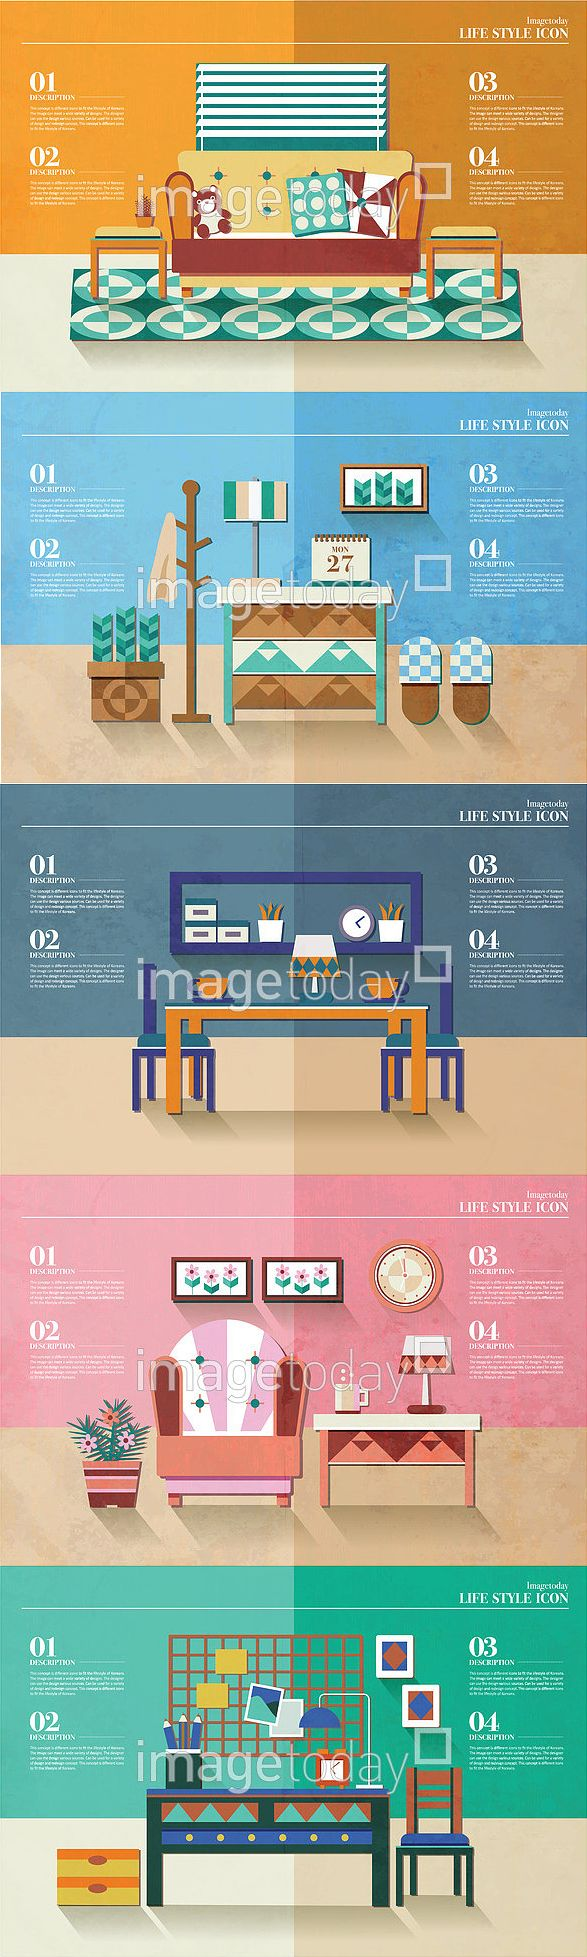 이미지투데이 거실 아이콘 엘리먼트 플랫디자인 라이프스타일 옷장 가구 소파 인테리어 주방 의자 통로이미지 tongroimages imagetoday livingroom icon element flatdesign lifestyle closet furniture sofa interior diningroom chair